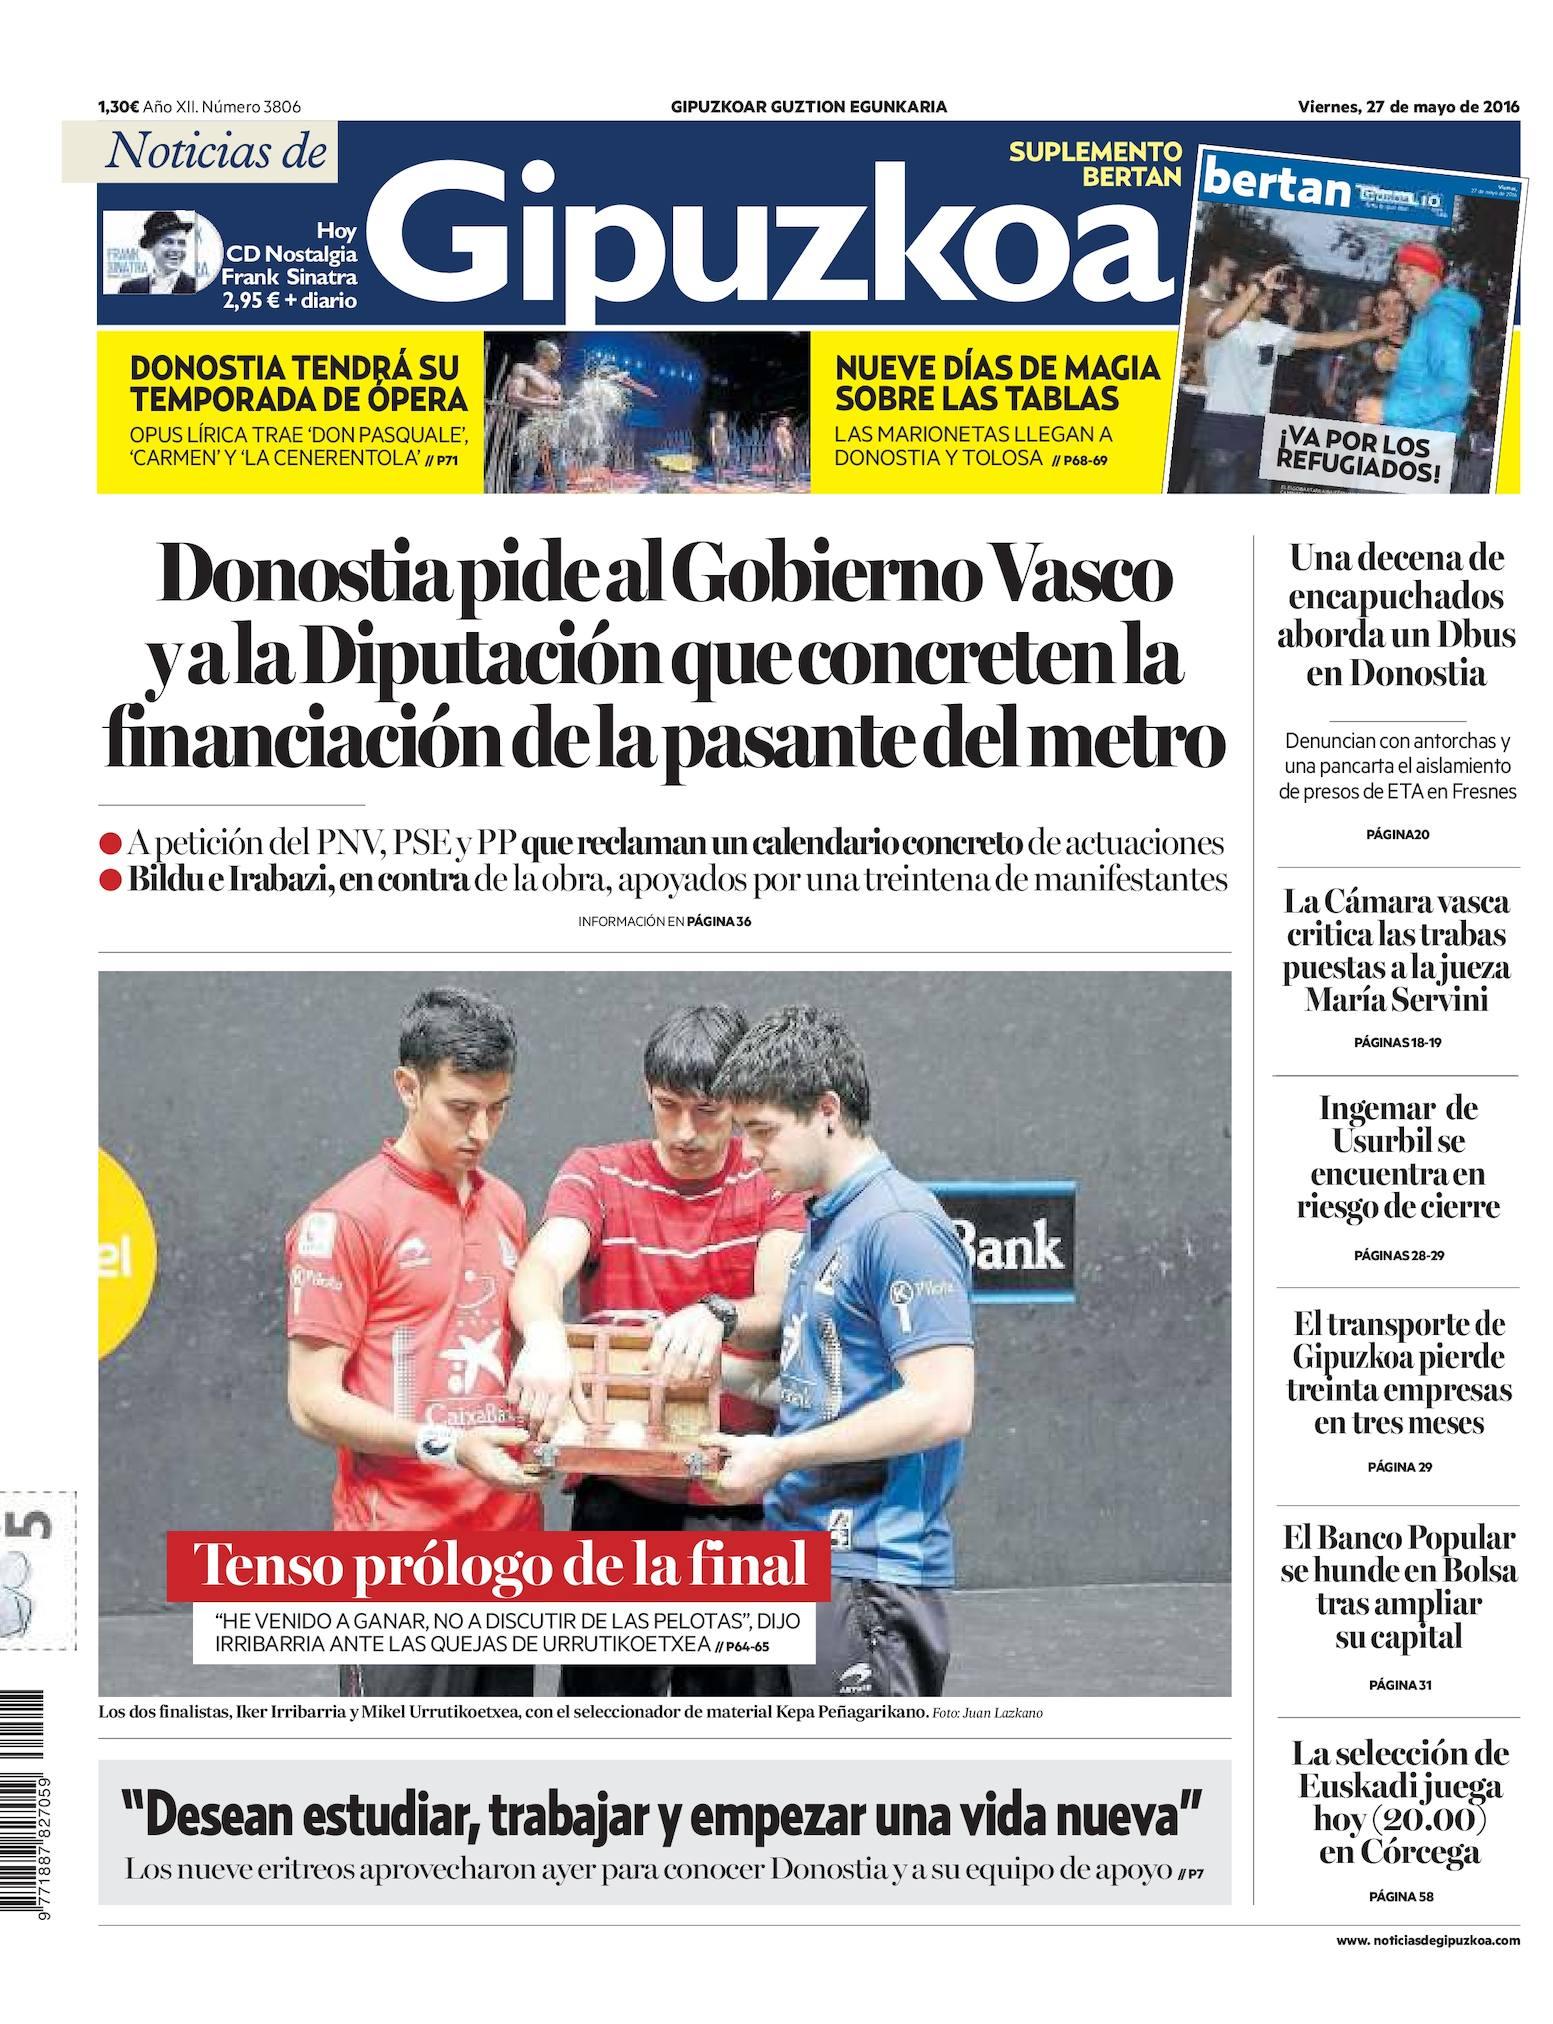 ca84a6f8e32e Calaméo - Noticias de Gipuzkoa 20160527